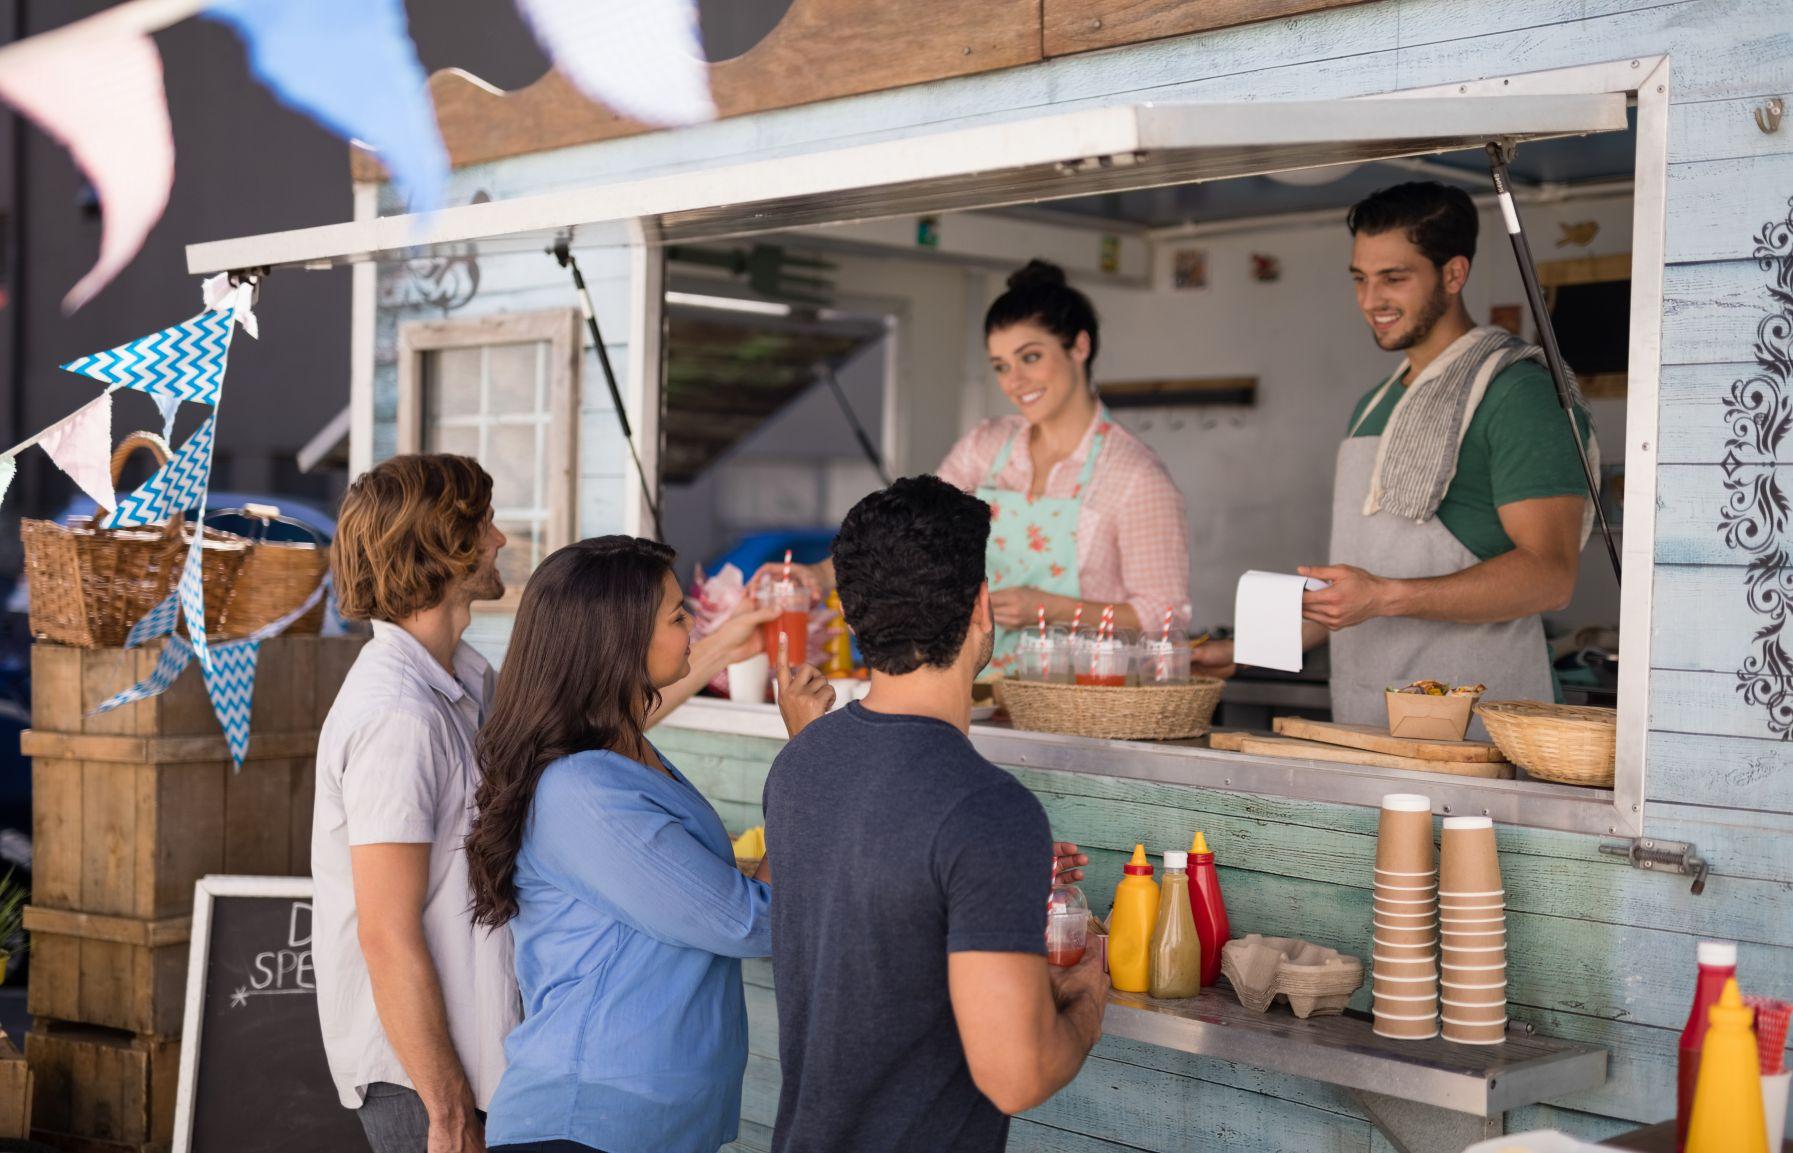 Menschen nehmen Essen von Foodtruck entgegen